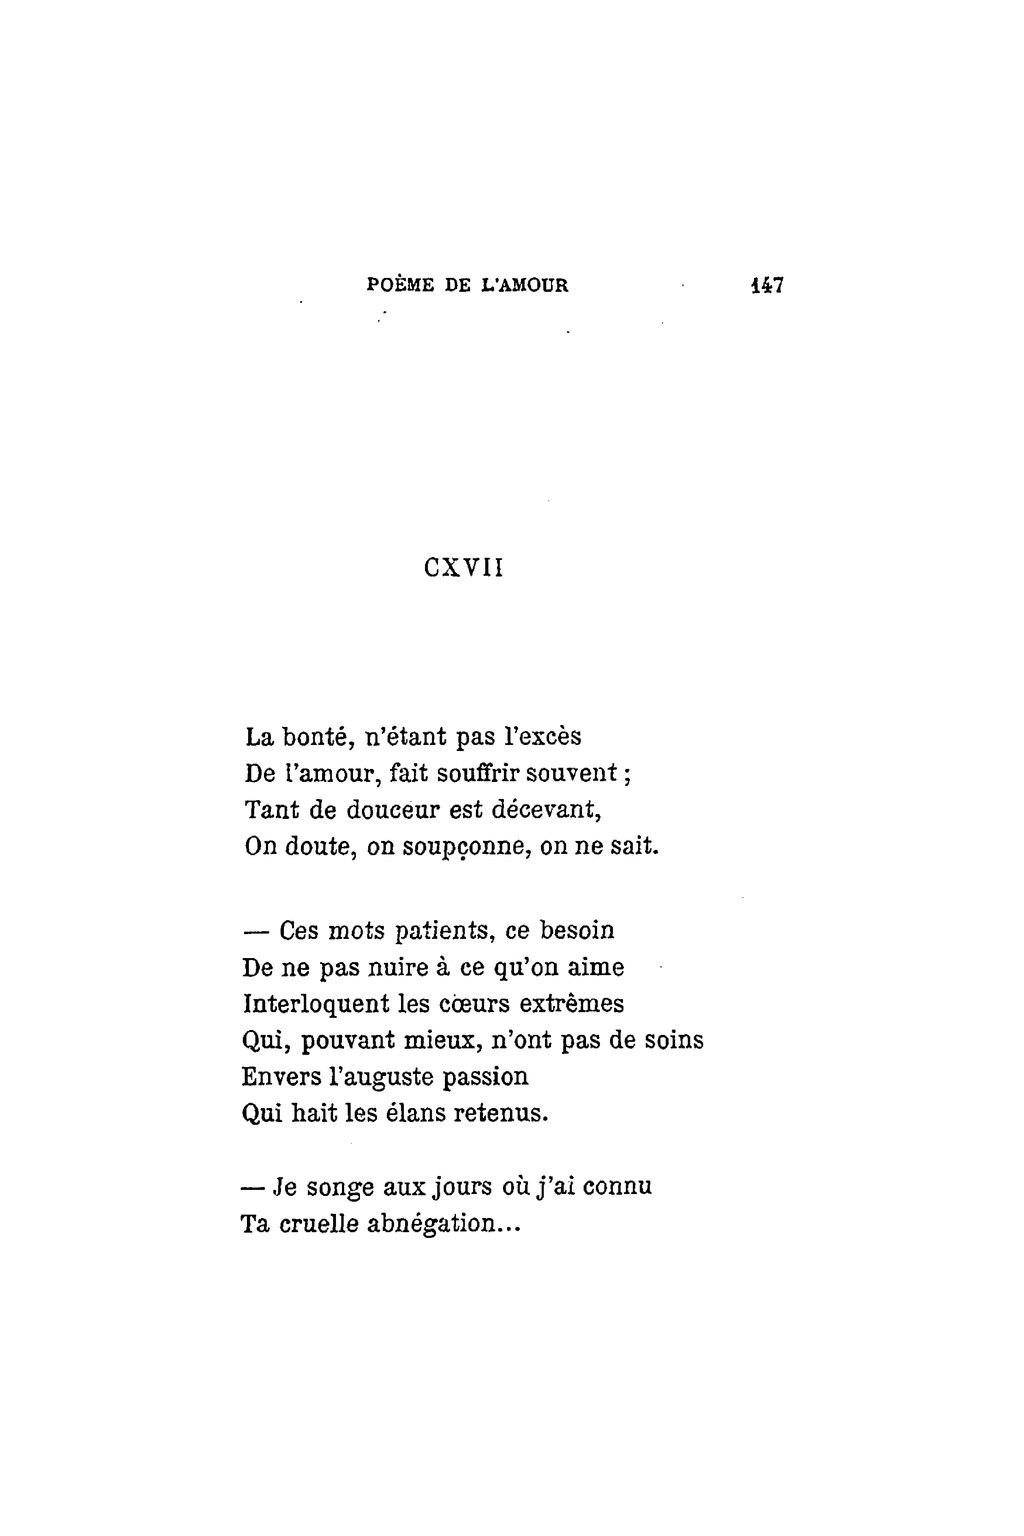 Pagenoailles Poème De Lamour 1924djvu145 Wikisource